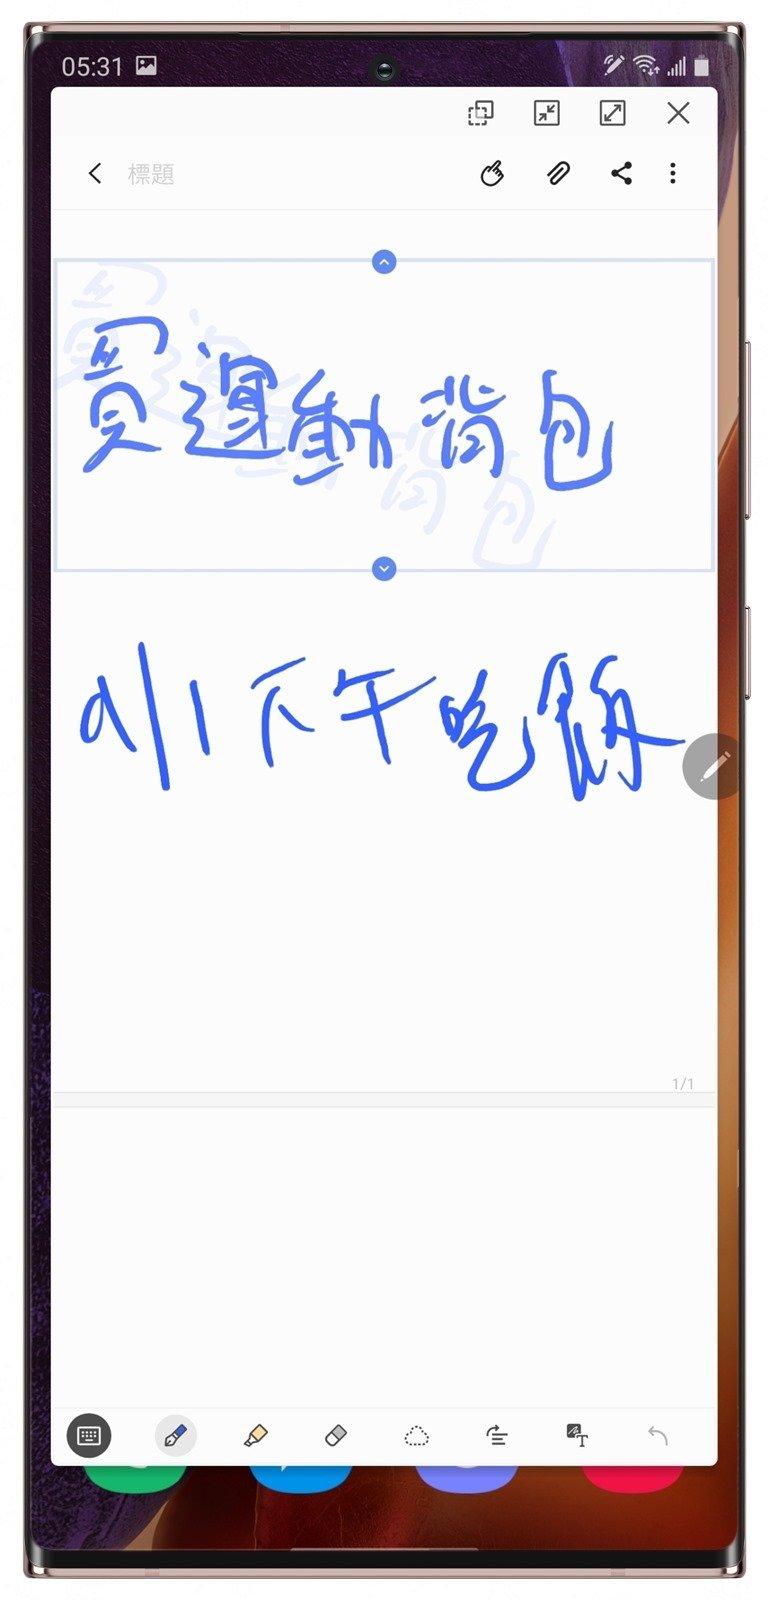 更好寫更好拍!三星 Galaxy Note20 Ultra 5G 開箱評測 @3C 達人廖阿輝